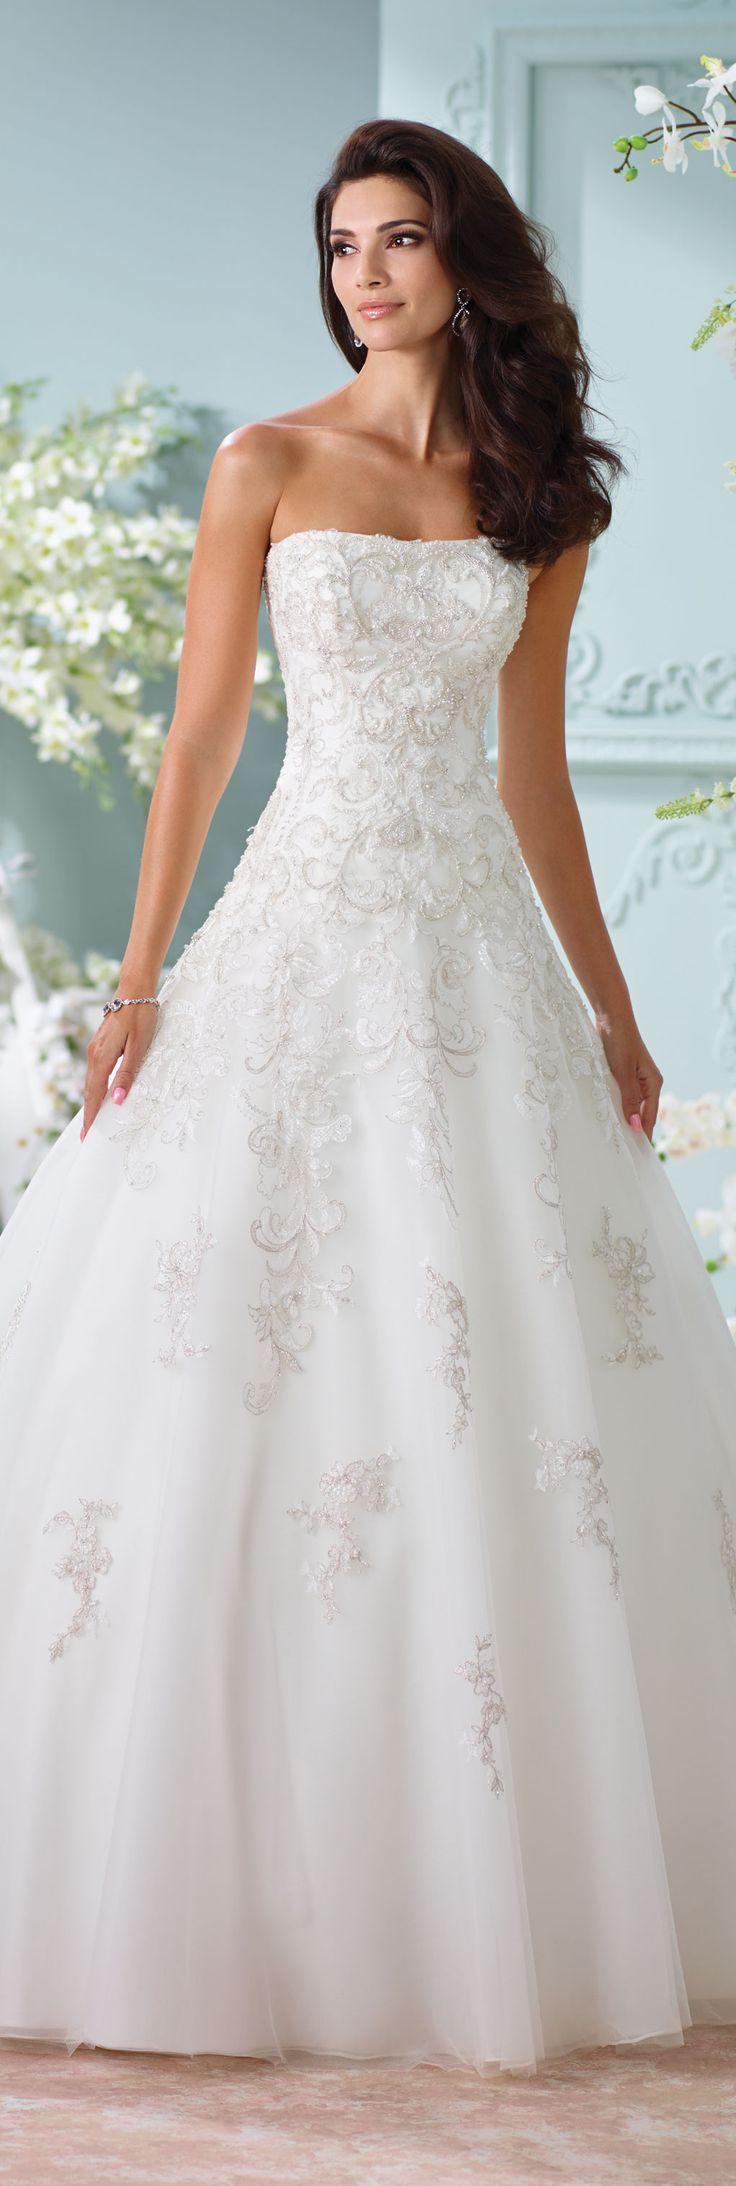 622 besten Strapless Wedding Dresses Bilder auf Pinterest ...